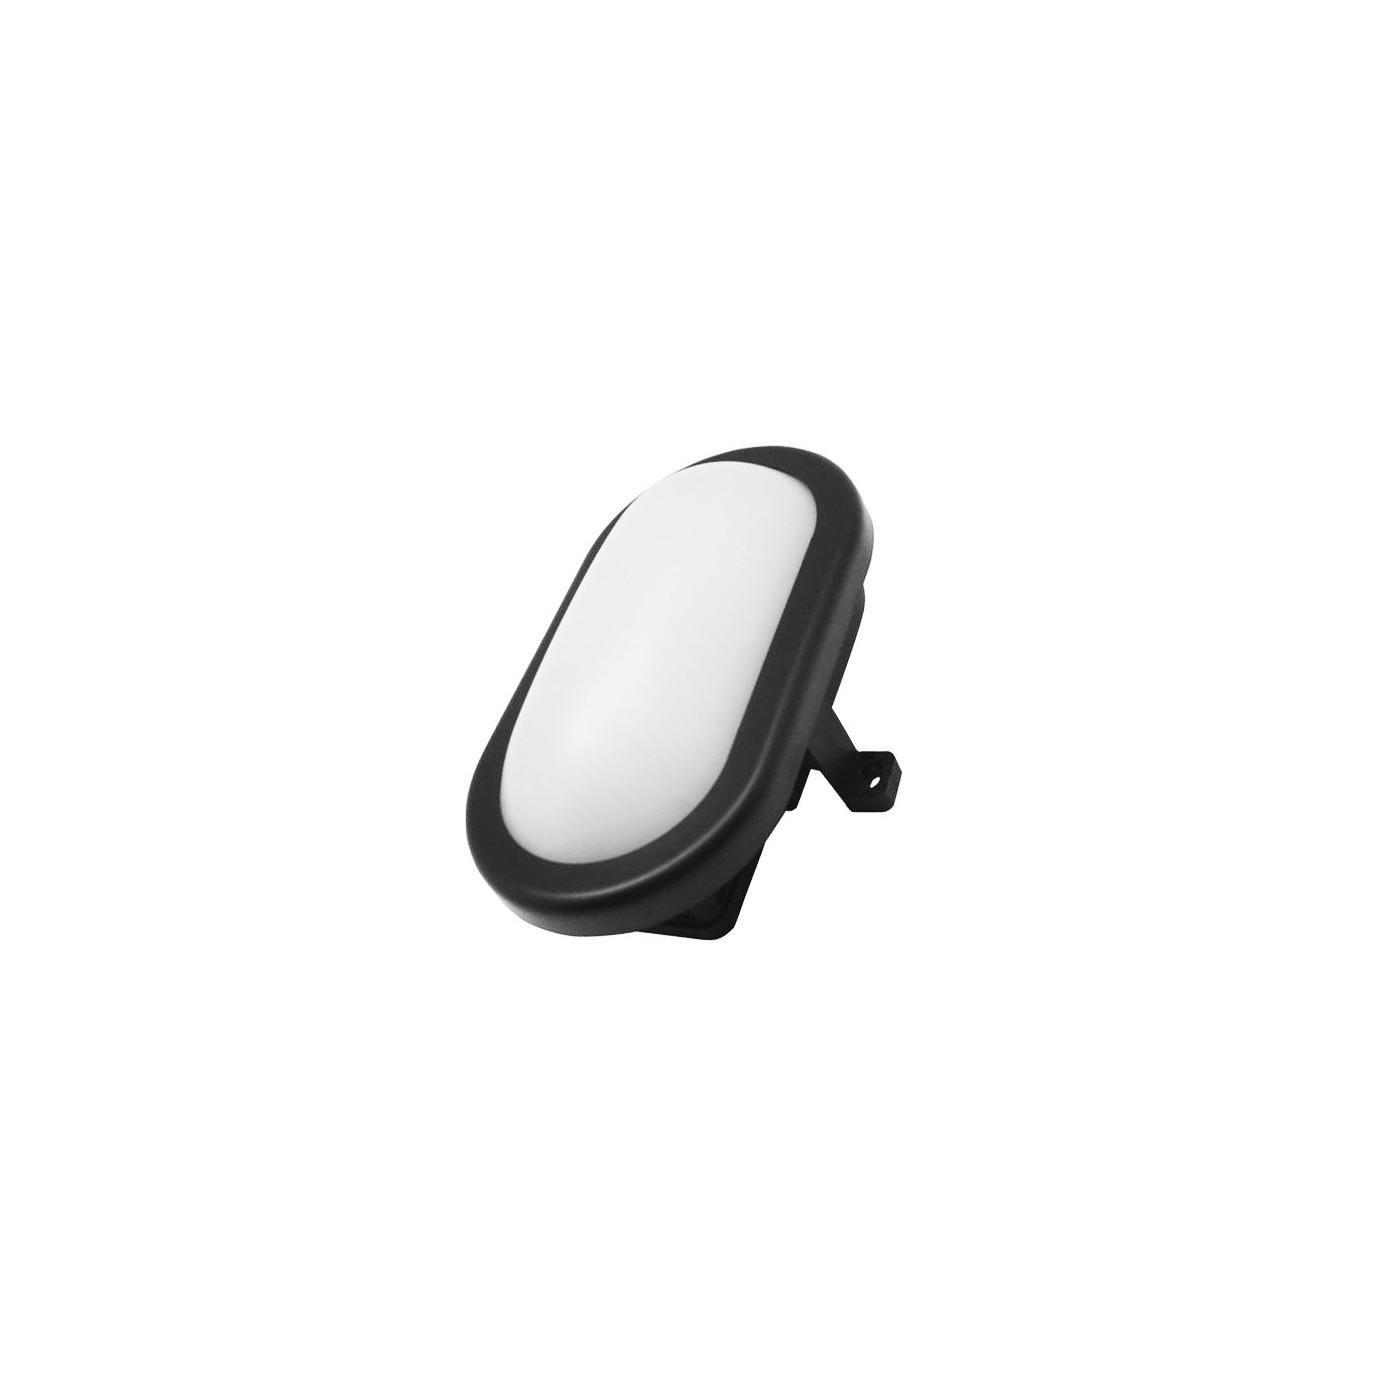 Bullseye Außenlampe (220 V, spritzwassergeschützt, schwarz)